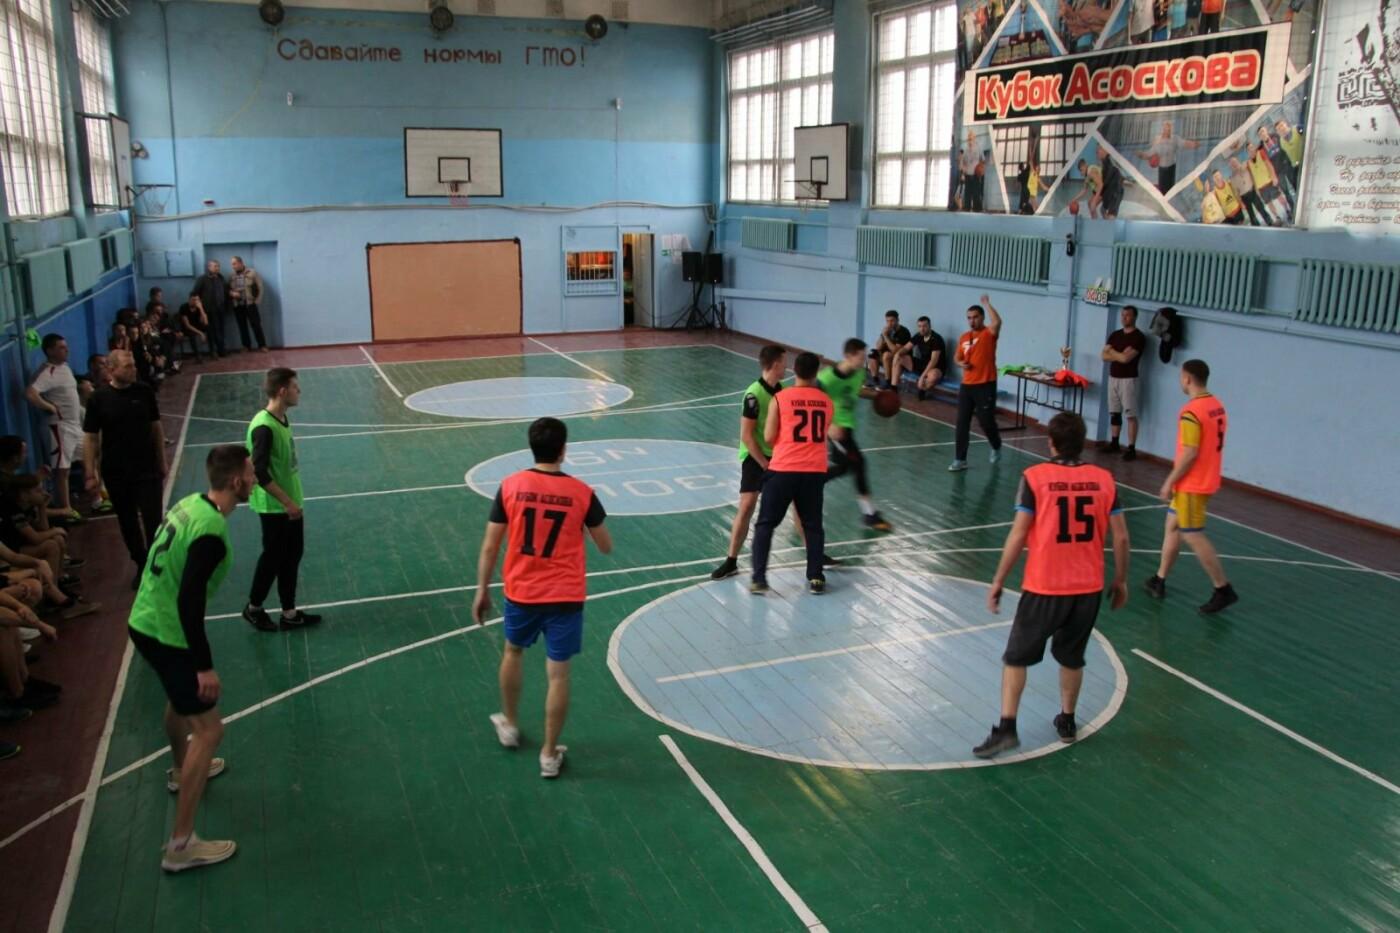 У Костянтинівці відбувся баскетбольний турнір «Кубок пам'яті Асоскова - 2020», фото-2